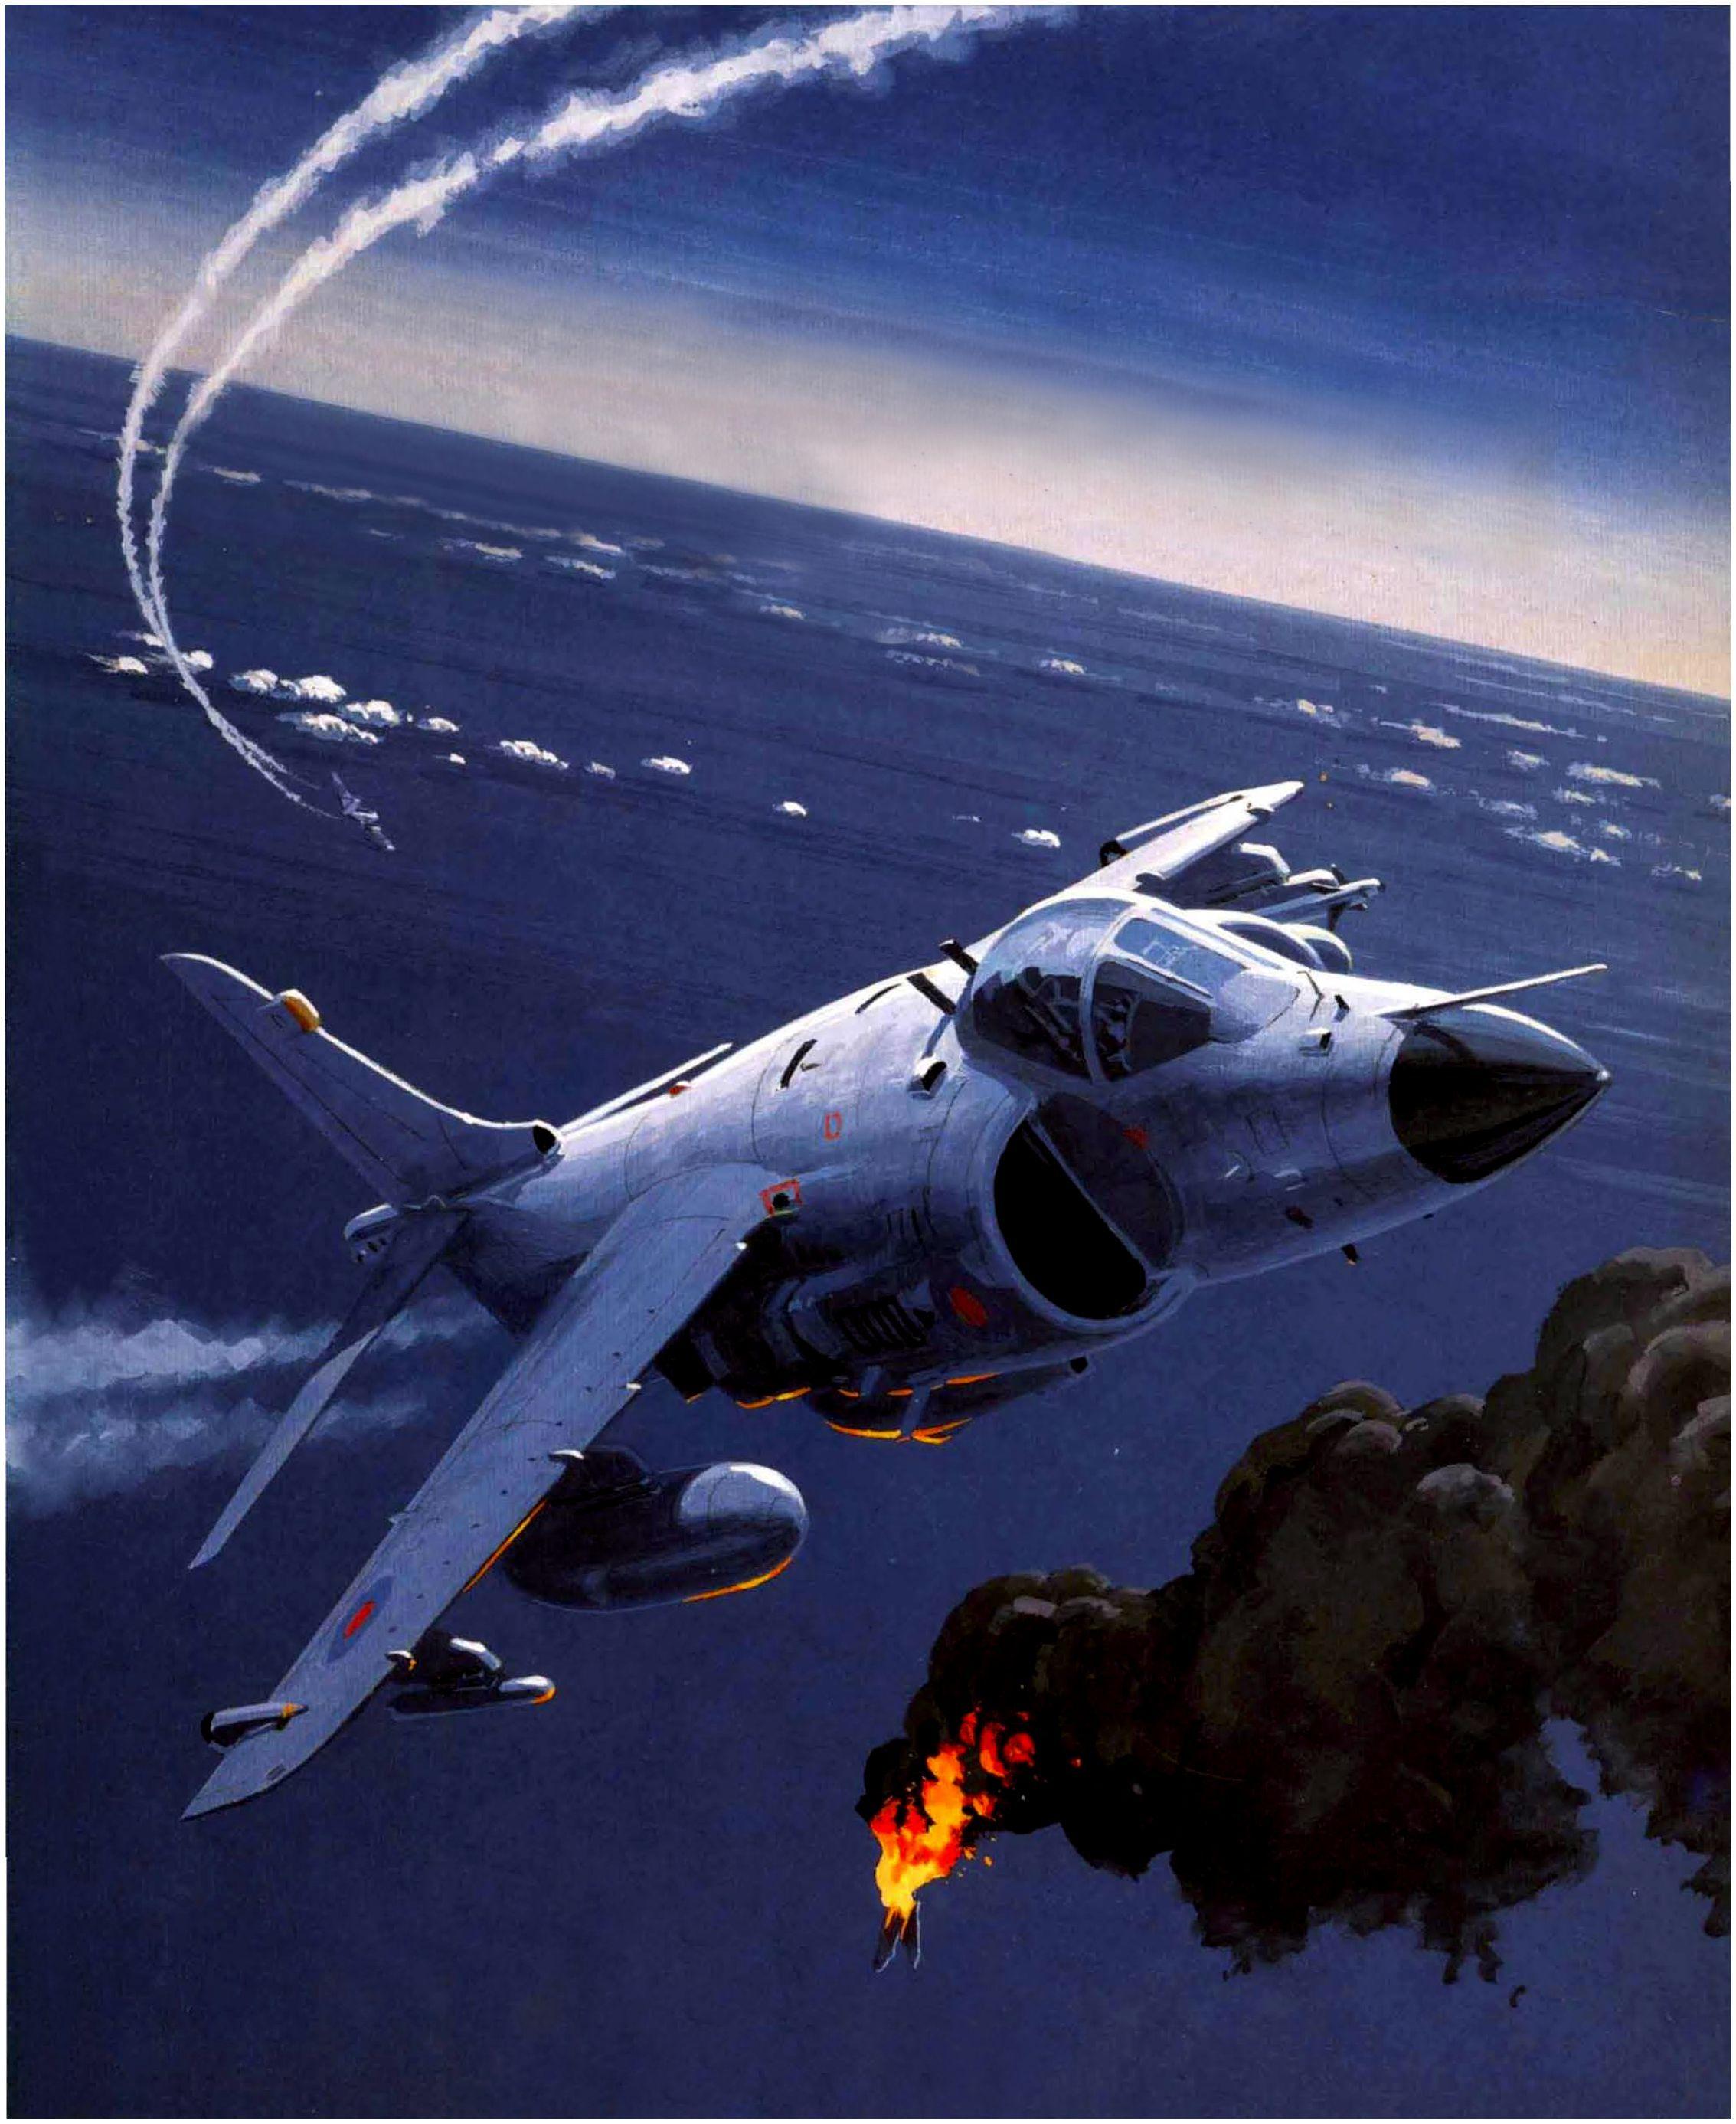 La tarde del 1 de mayo de 1982 (a las 17:04 horas), uno de los dos Sea Harrier FRS.Mk.1 (numero de serie XZ451, con codigo de identificacion 000) del 801° Sqdn. utilizo un misil aire-aire AIM-9L Sidewinder para derribar un Camberra B.Mk 62 (número de serie B-110) perteneciente al Grupo 2 de Bombardeo, que volaba sobre el Atlantico sur con rumbo sudeste sin tierra a la vista, atacándolo de frente desde una distancia de unos 7,300 metros en un encuentro que tuvo lugar a unos 36,000 pies de…